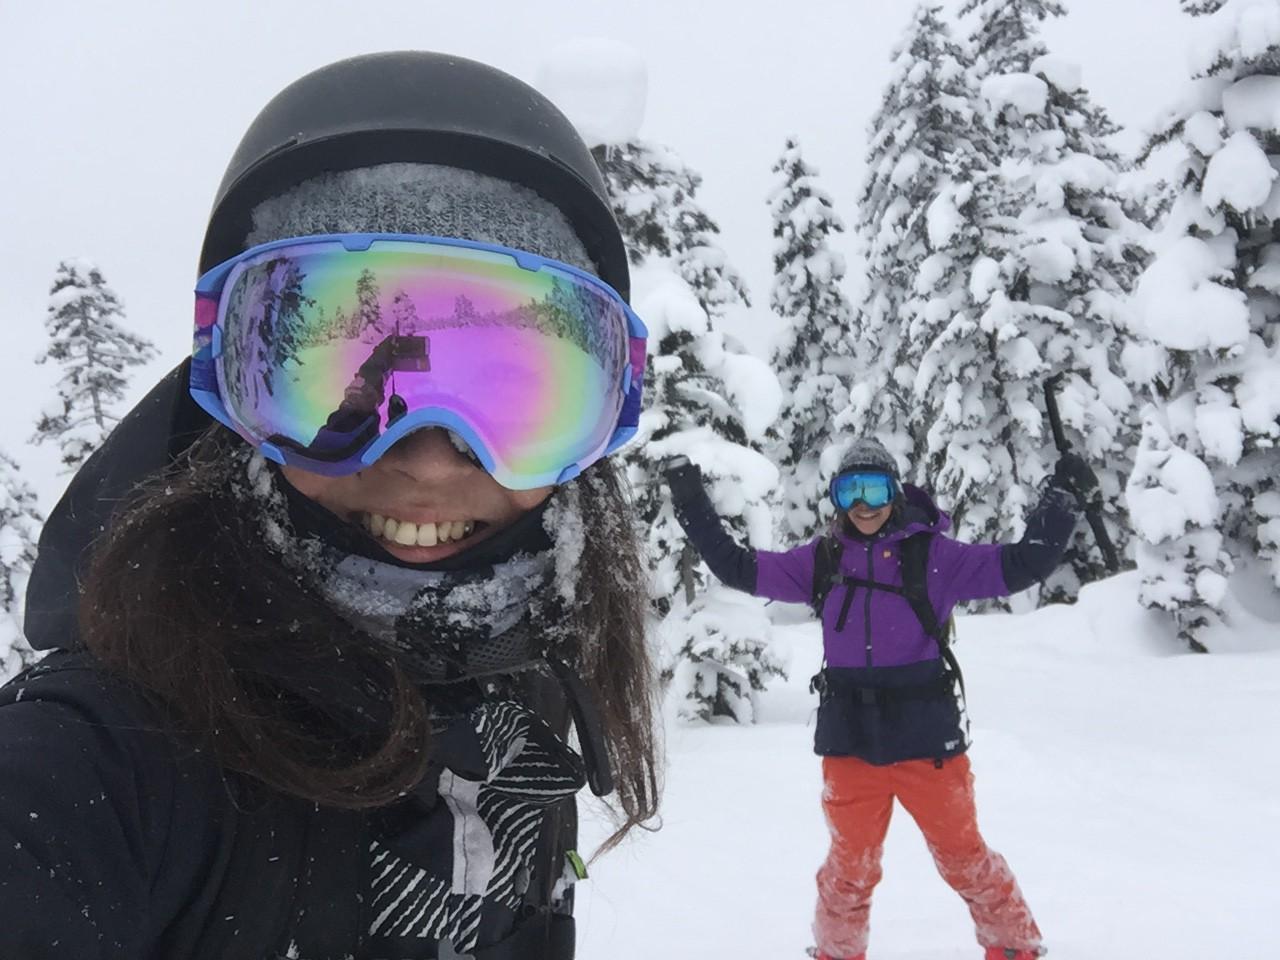 大人になっても嬉しくってこんな笑顔がこぼれてしまう。スノーボードは私たちを少女に返らせてくれる魔法だ